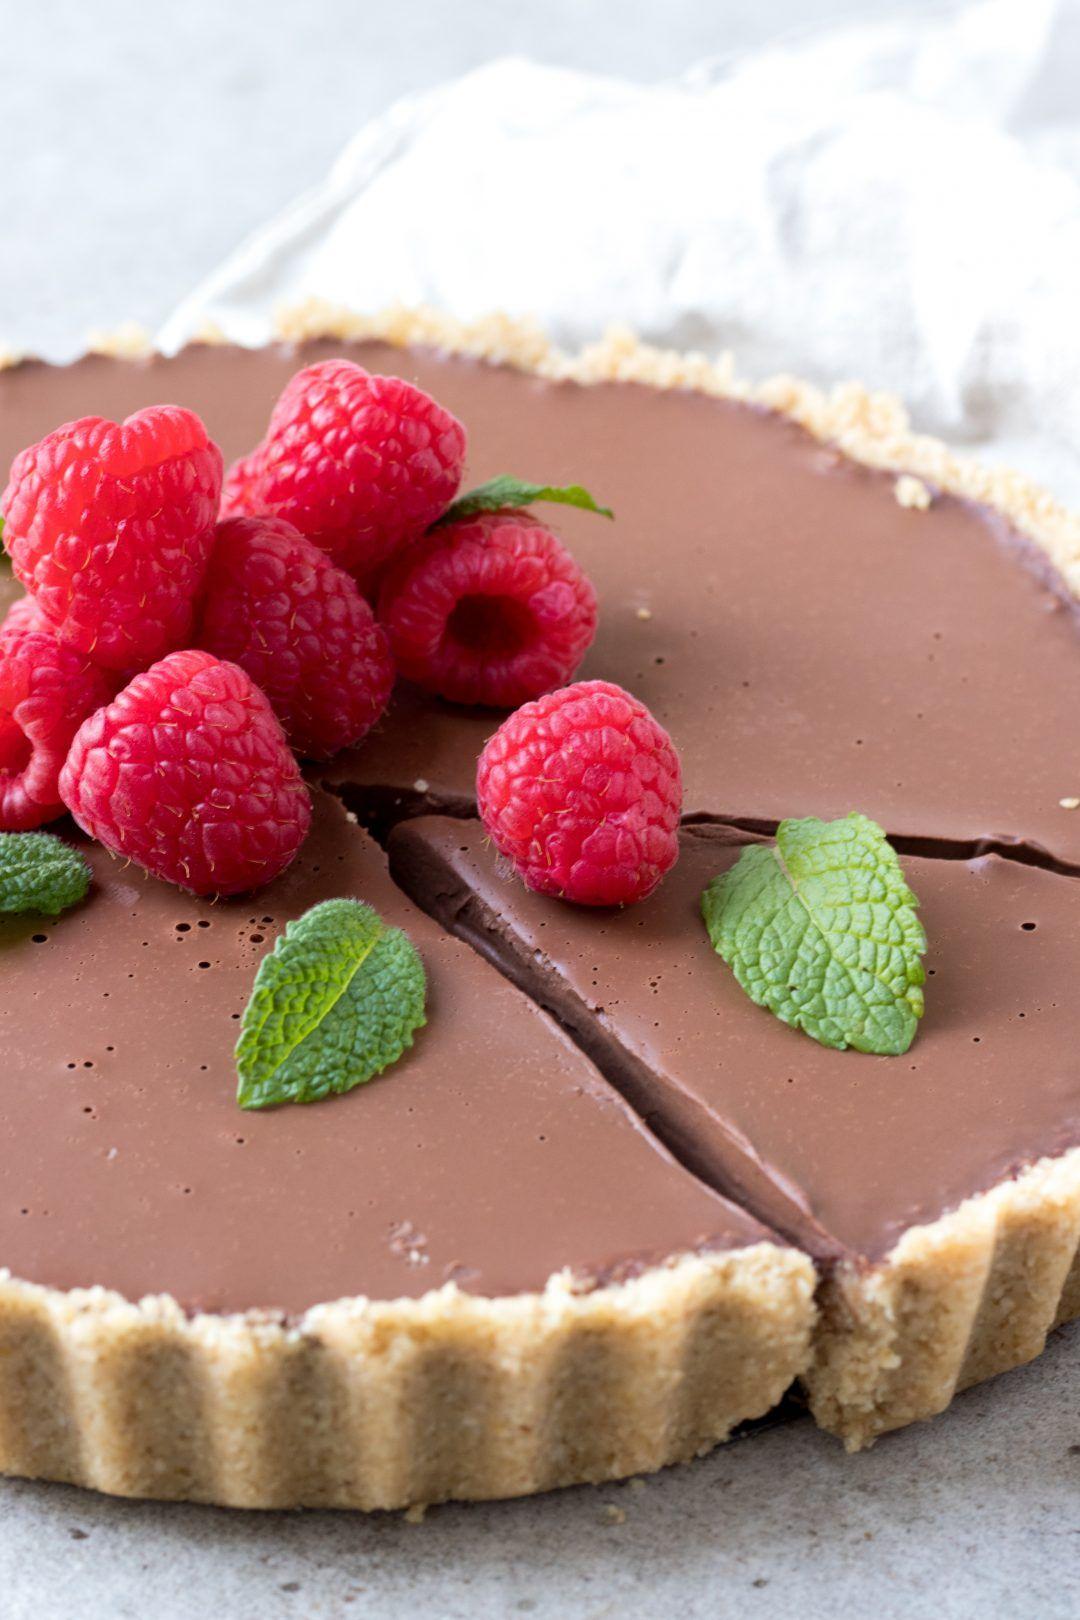 Gezonde chocoladetaart - Zonderzooi - Gezonde recepten - Duurzame lifestyle